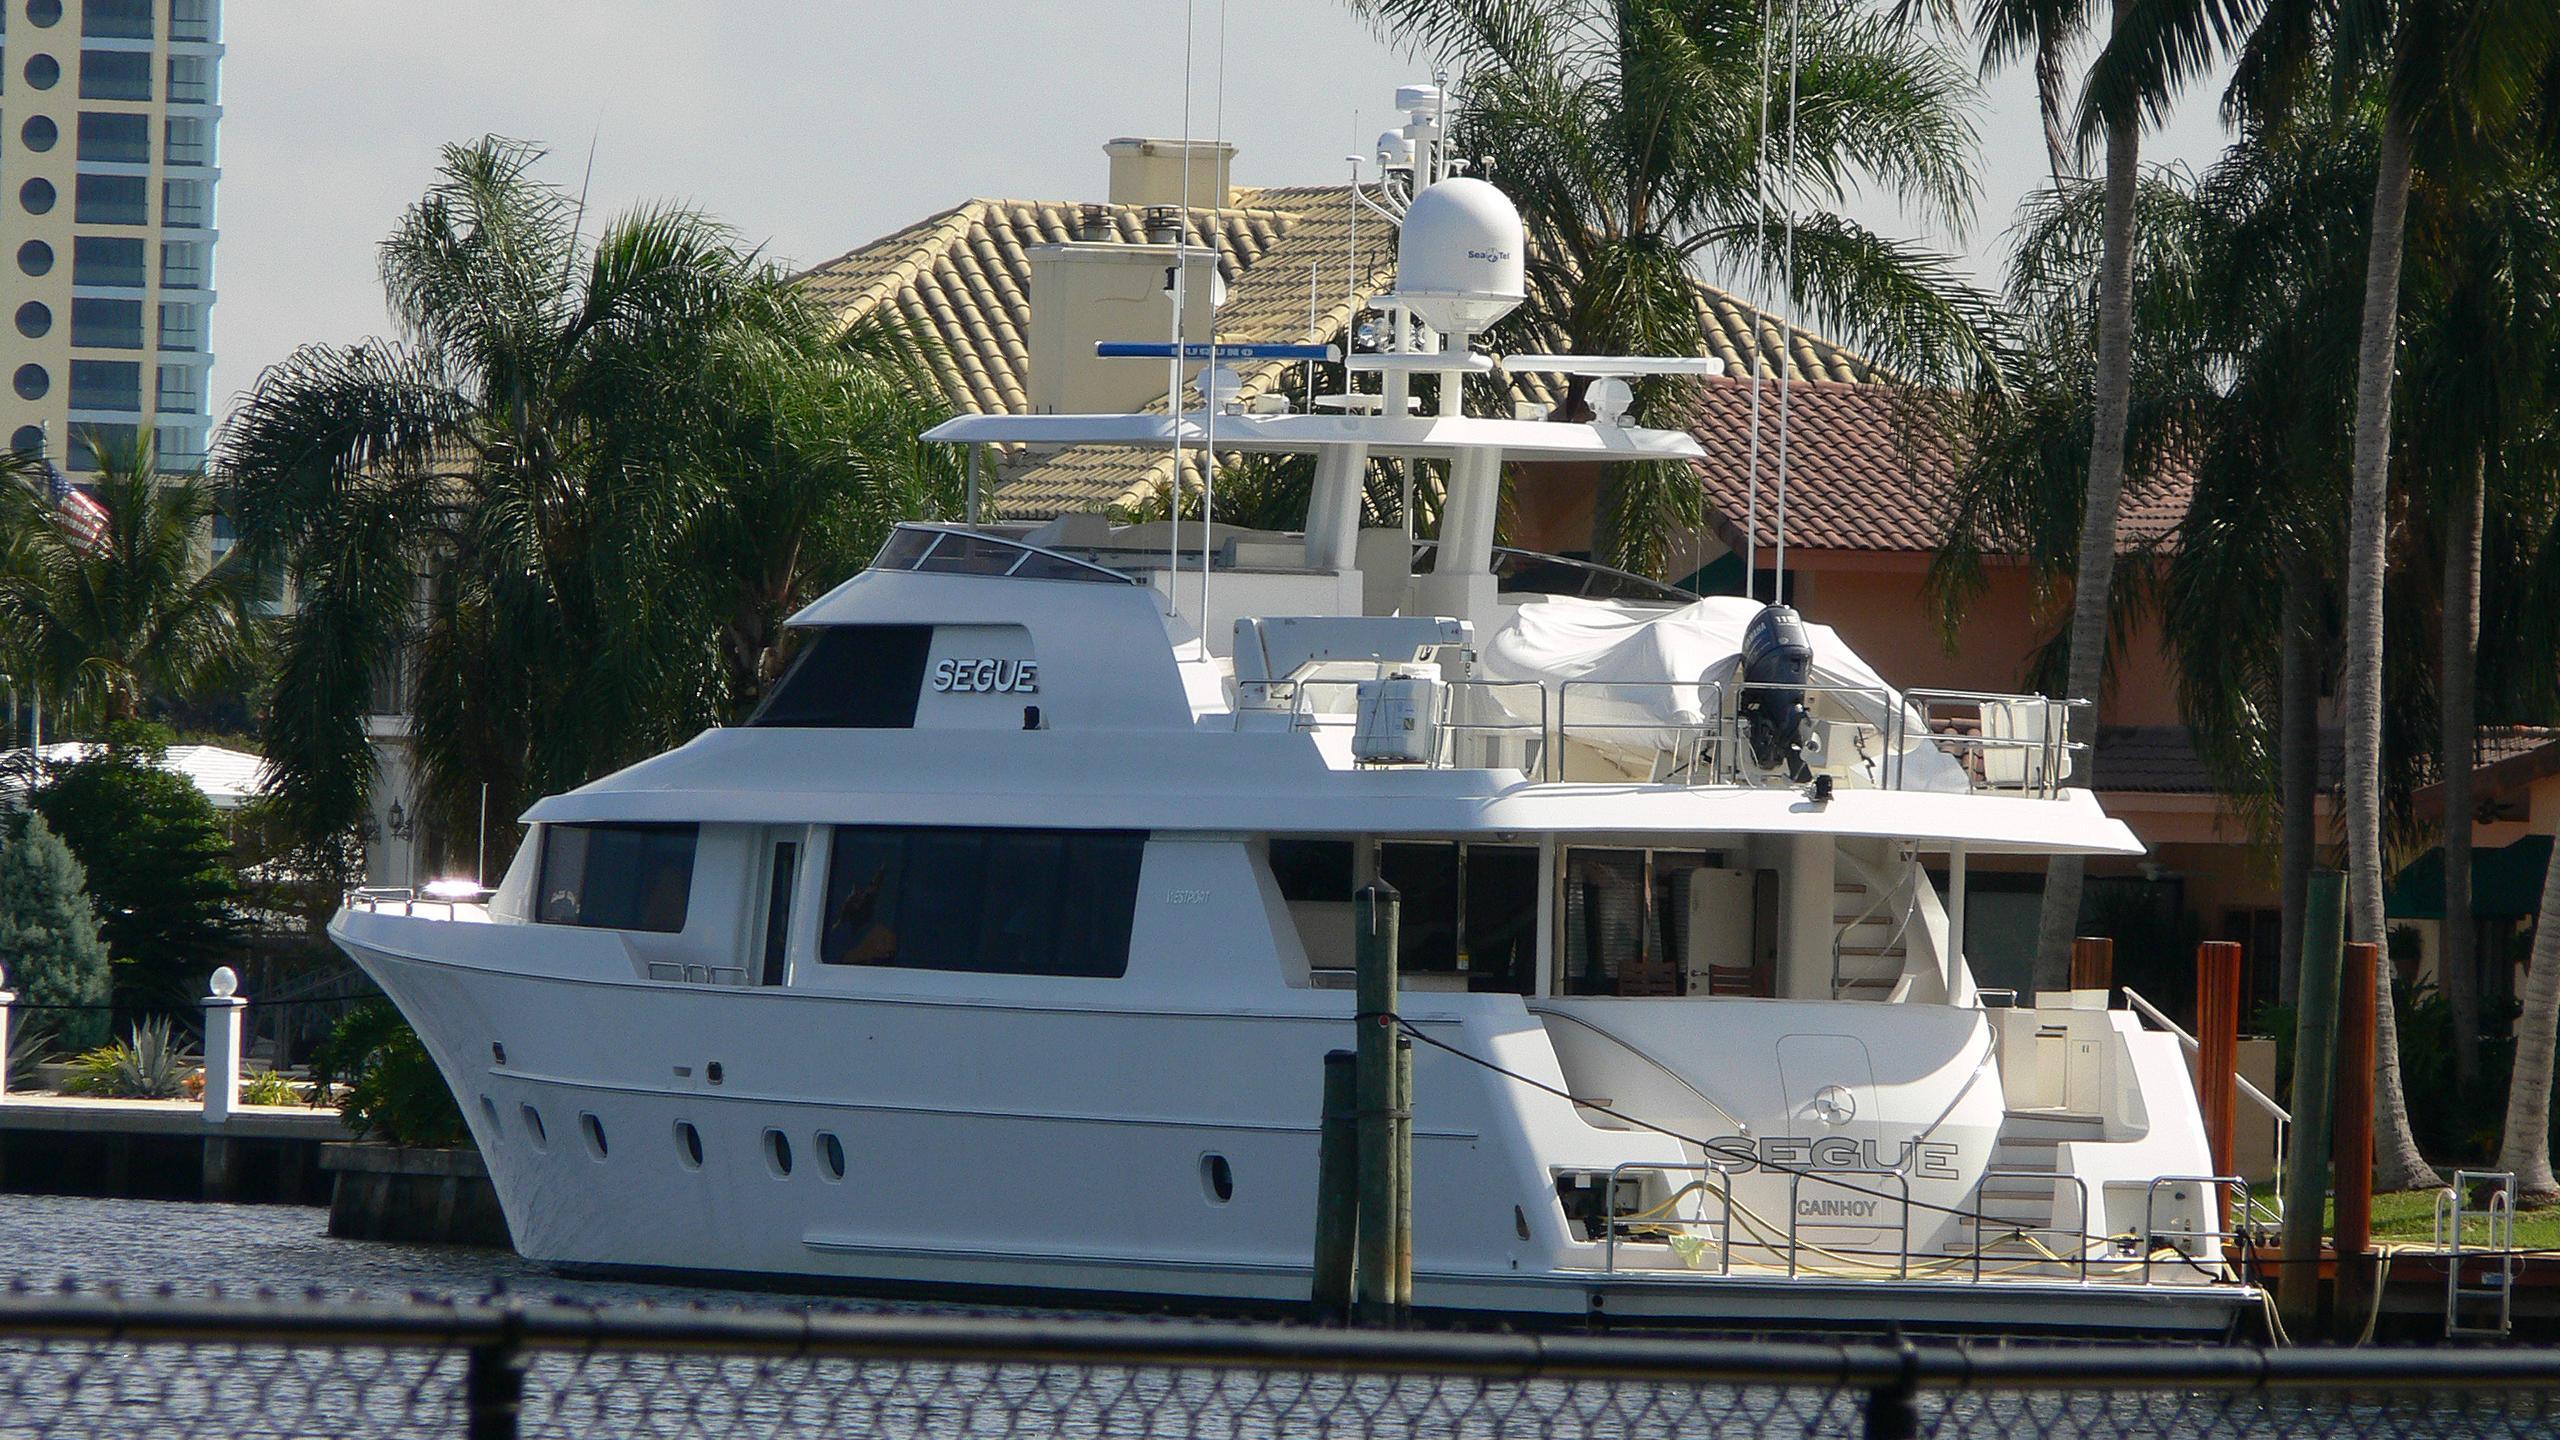 eccentric segue motoryacht westport 112 34m 2008 half stern